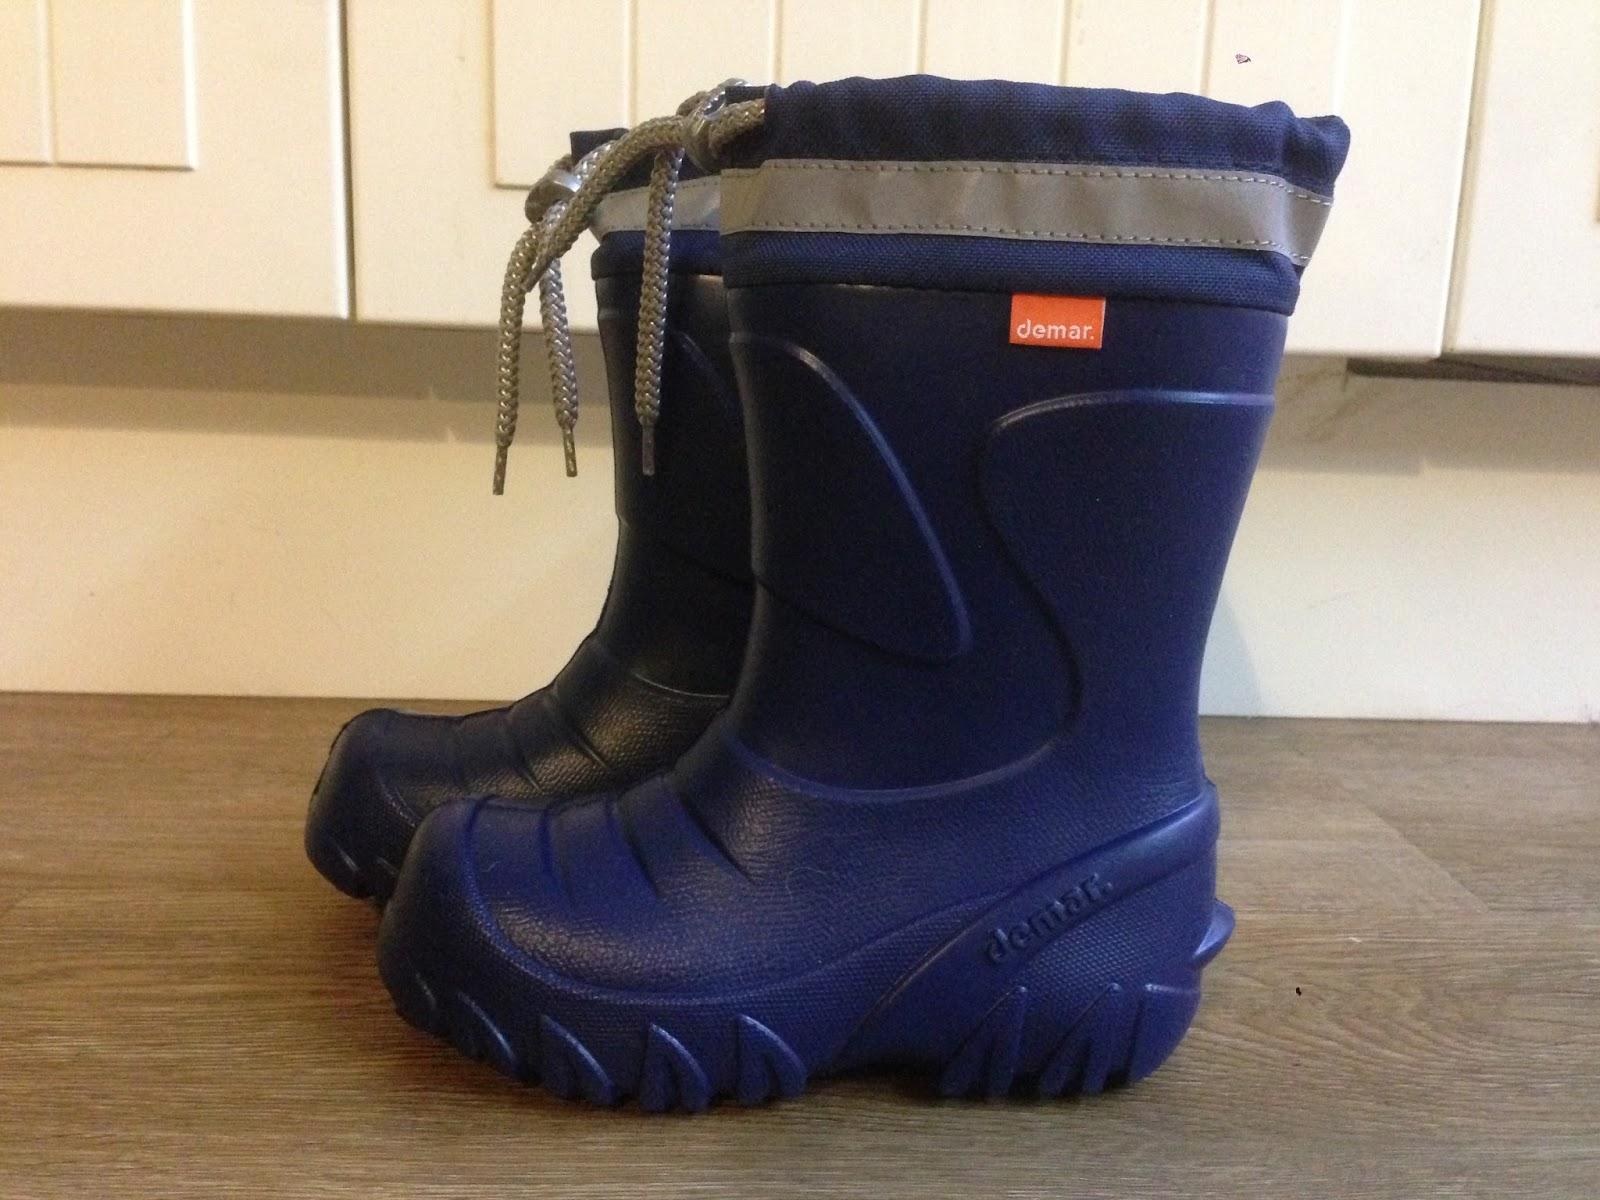 Jedna bota včetně zateplovací vložky ve velikosti 26 27 váží 130 g. 6bd096b1f3